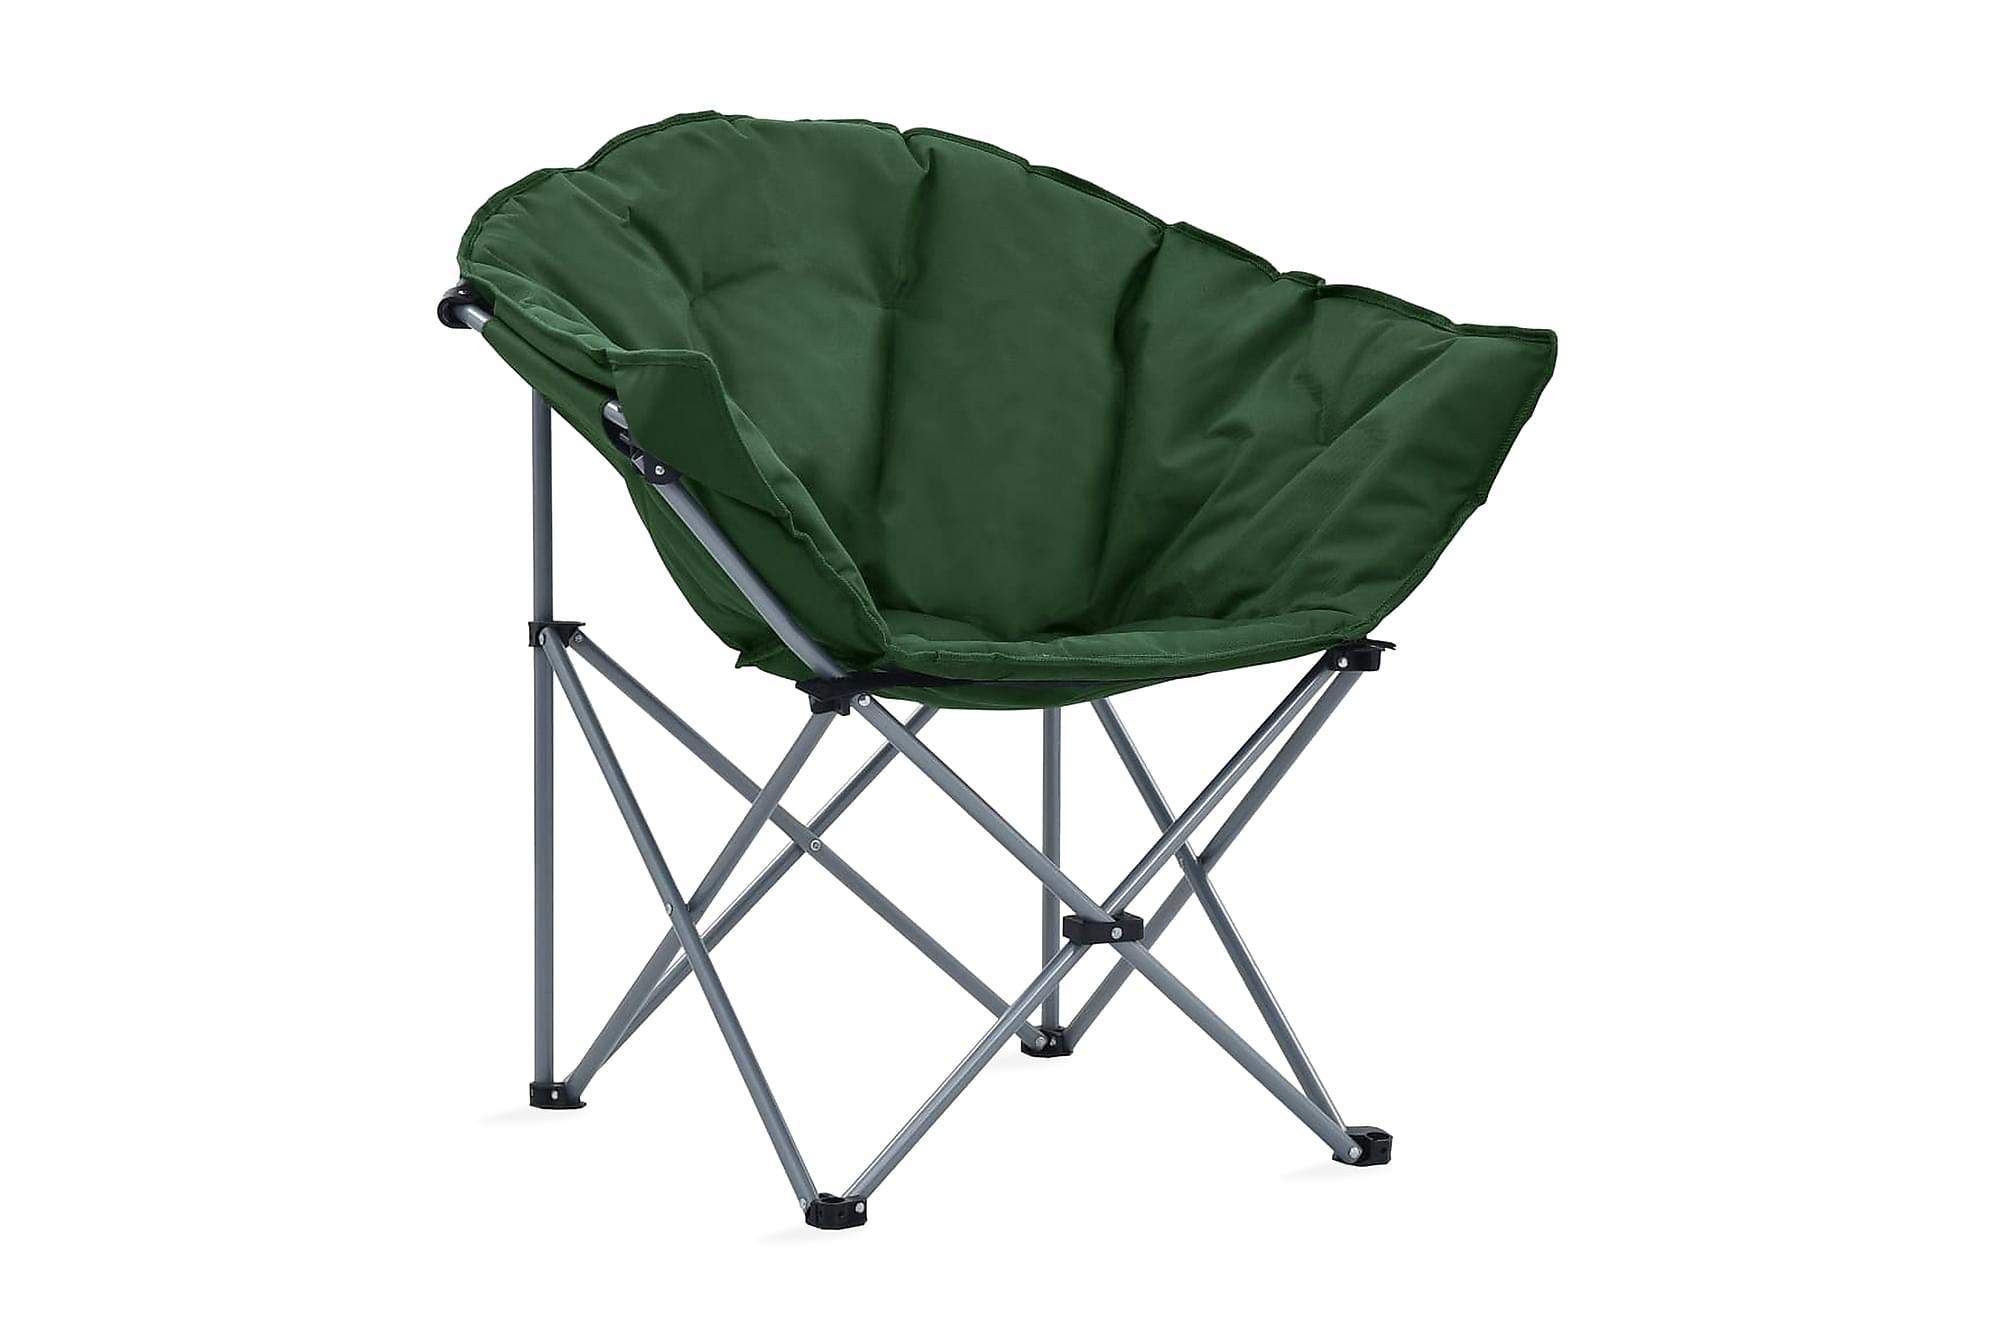 Hopfällbara månstolar 2 st grön, Campingstol